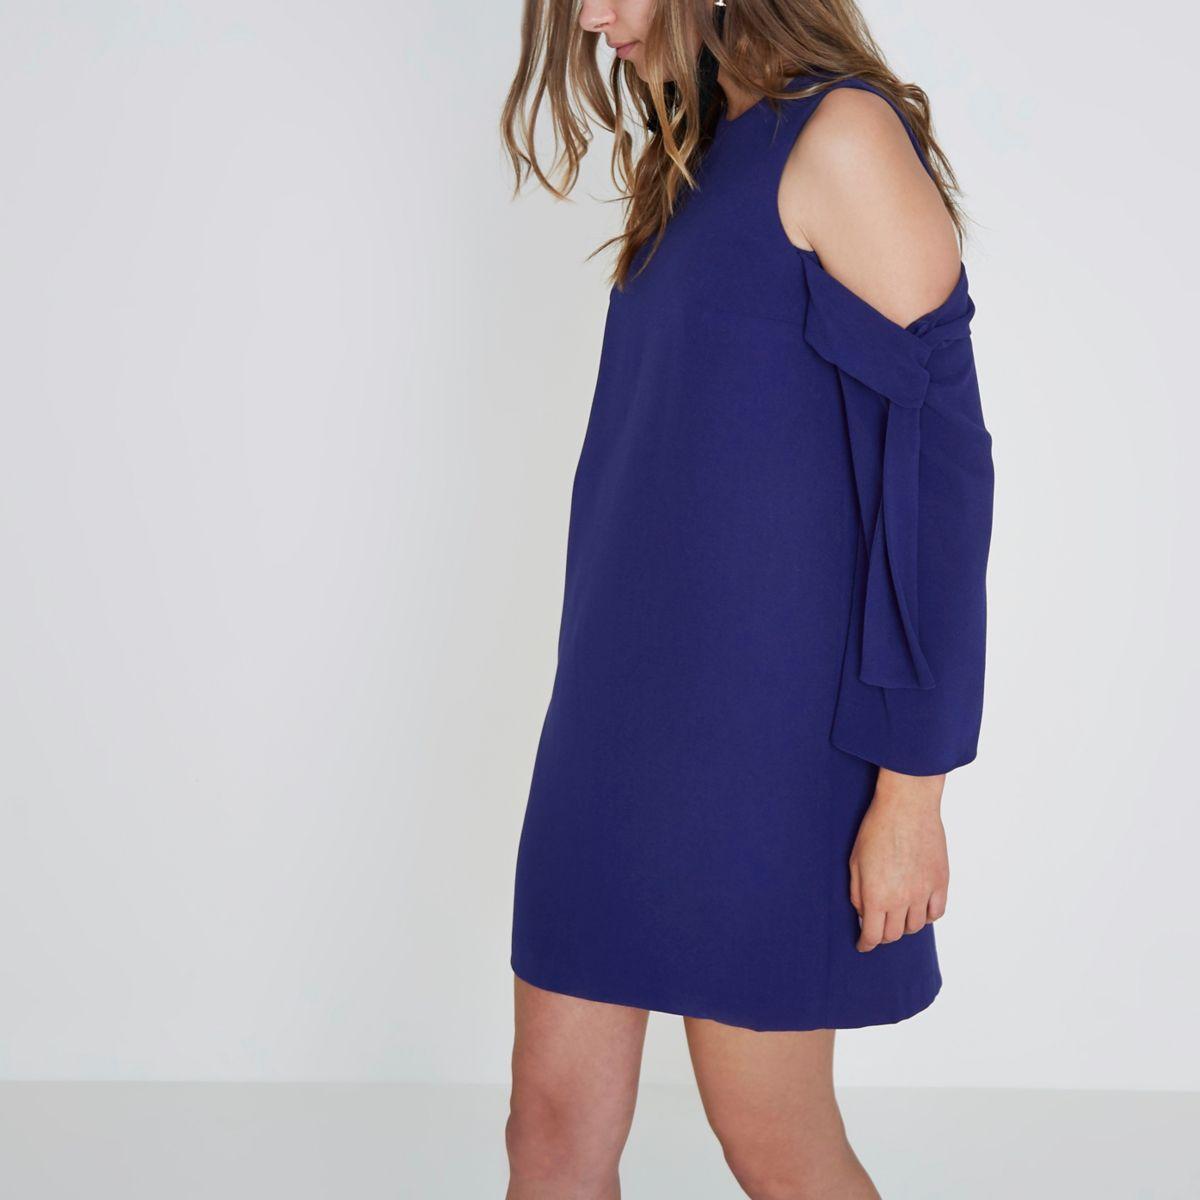 Blue cold shoulder long sleeve swing dress